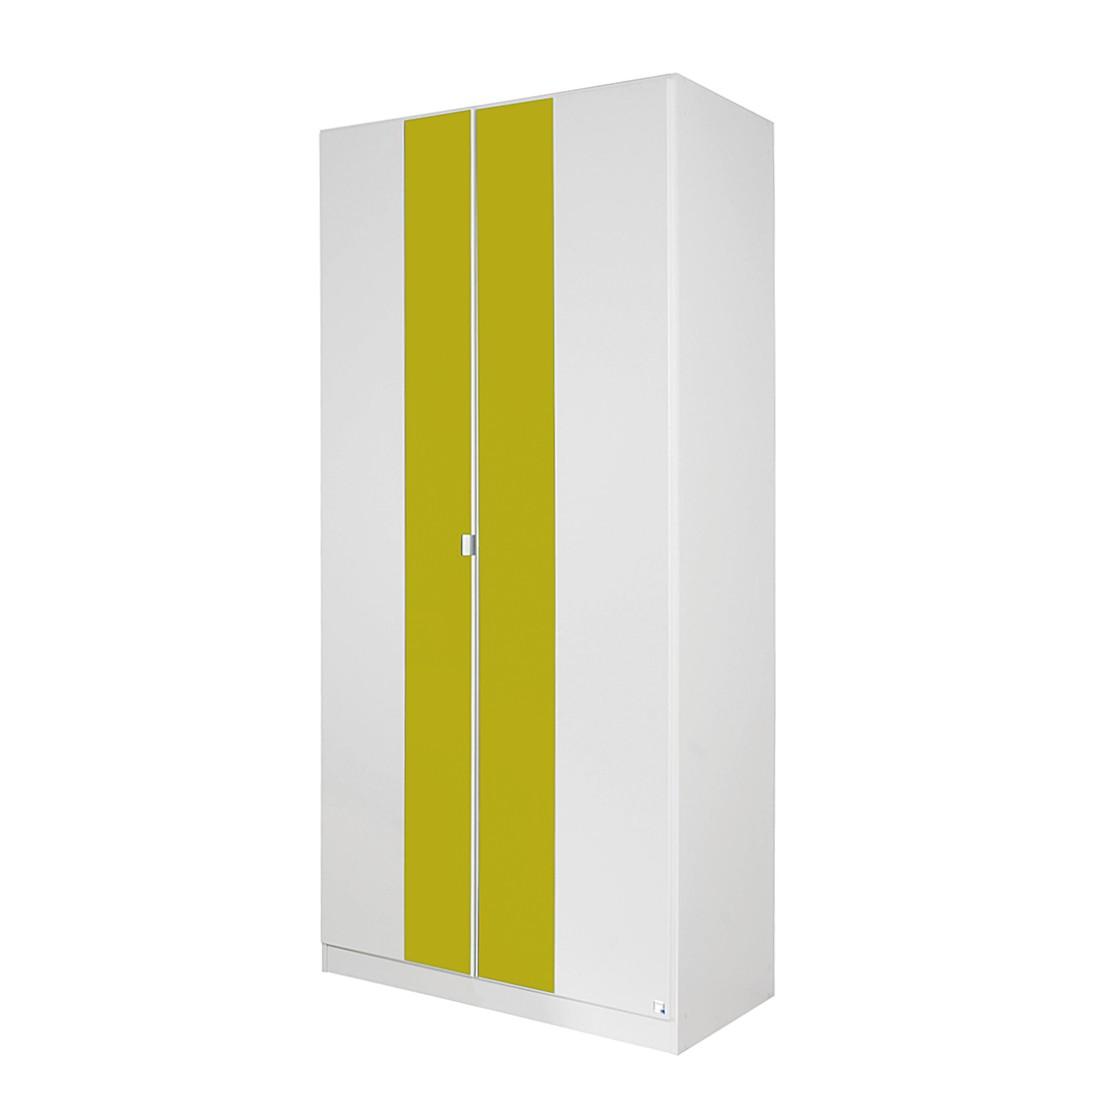 Drehtürenschrank Dortmund I – Alpinweiß/Glasabsetzung Limette – Schrankbreite: 91 cm – Innenaufteilung: 45I45 cm, Rauch Pack´s kaufen